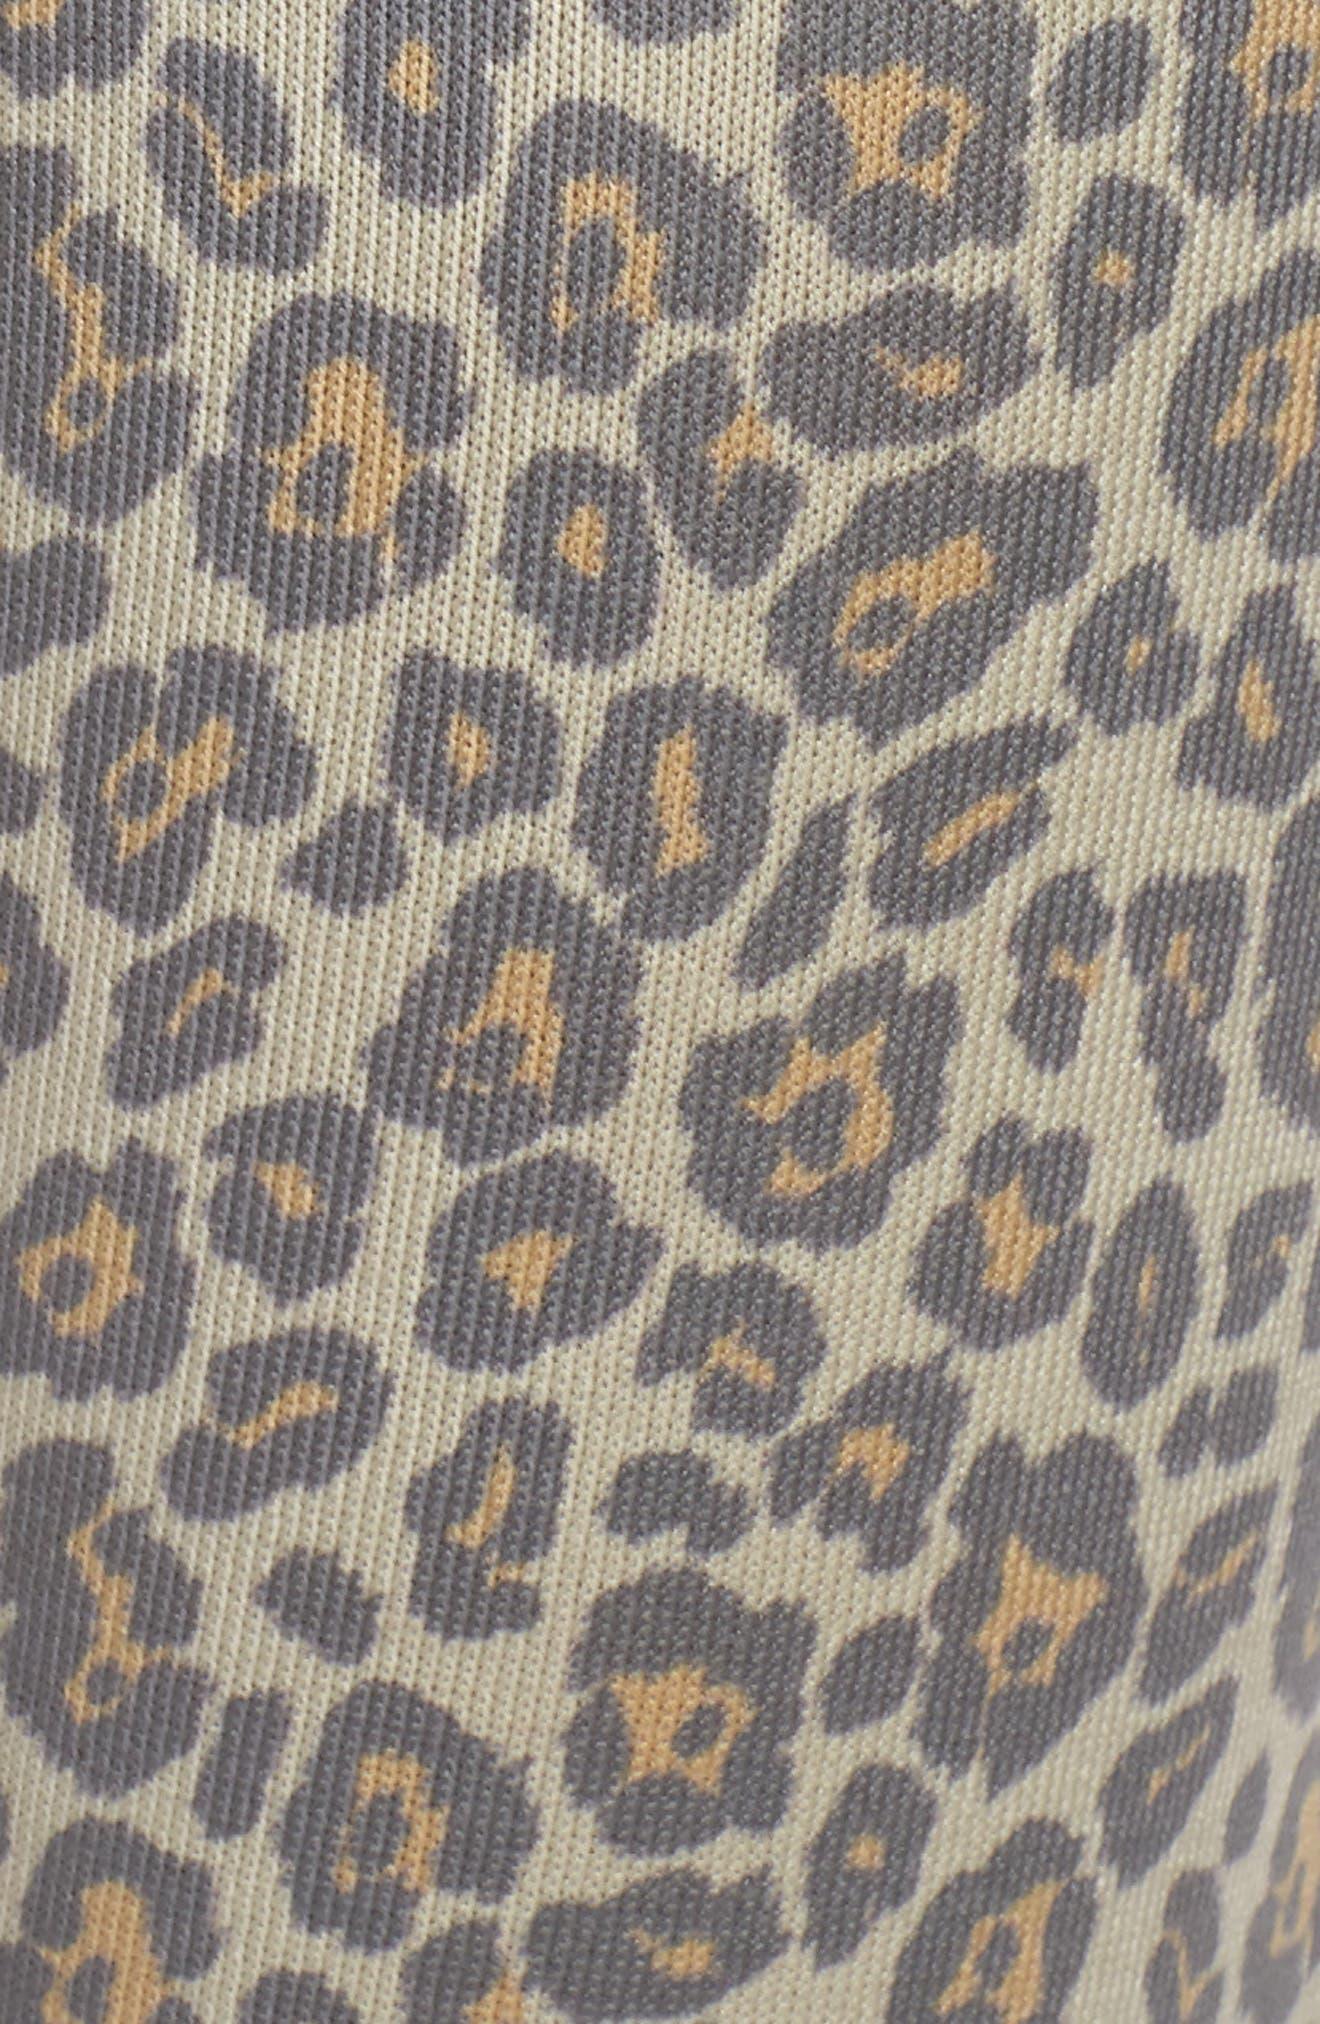 Leopard Knit Lounge Pant,                             Alternate thumbnail 5, color,                             250